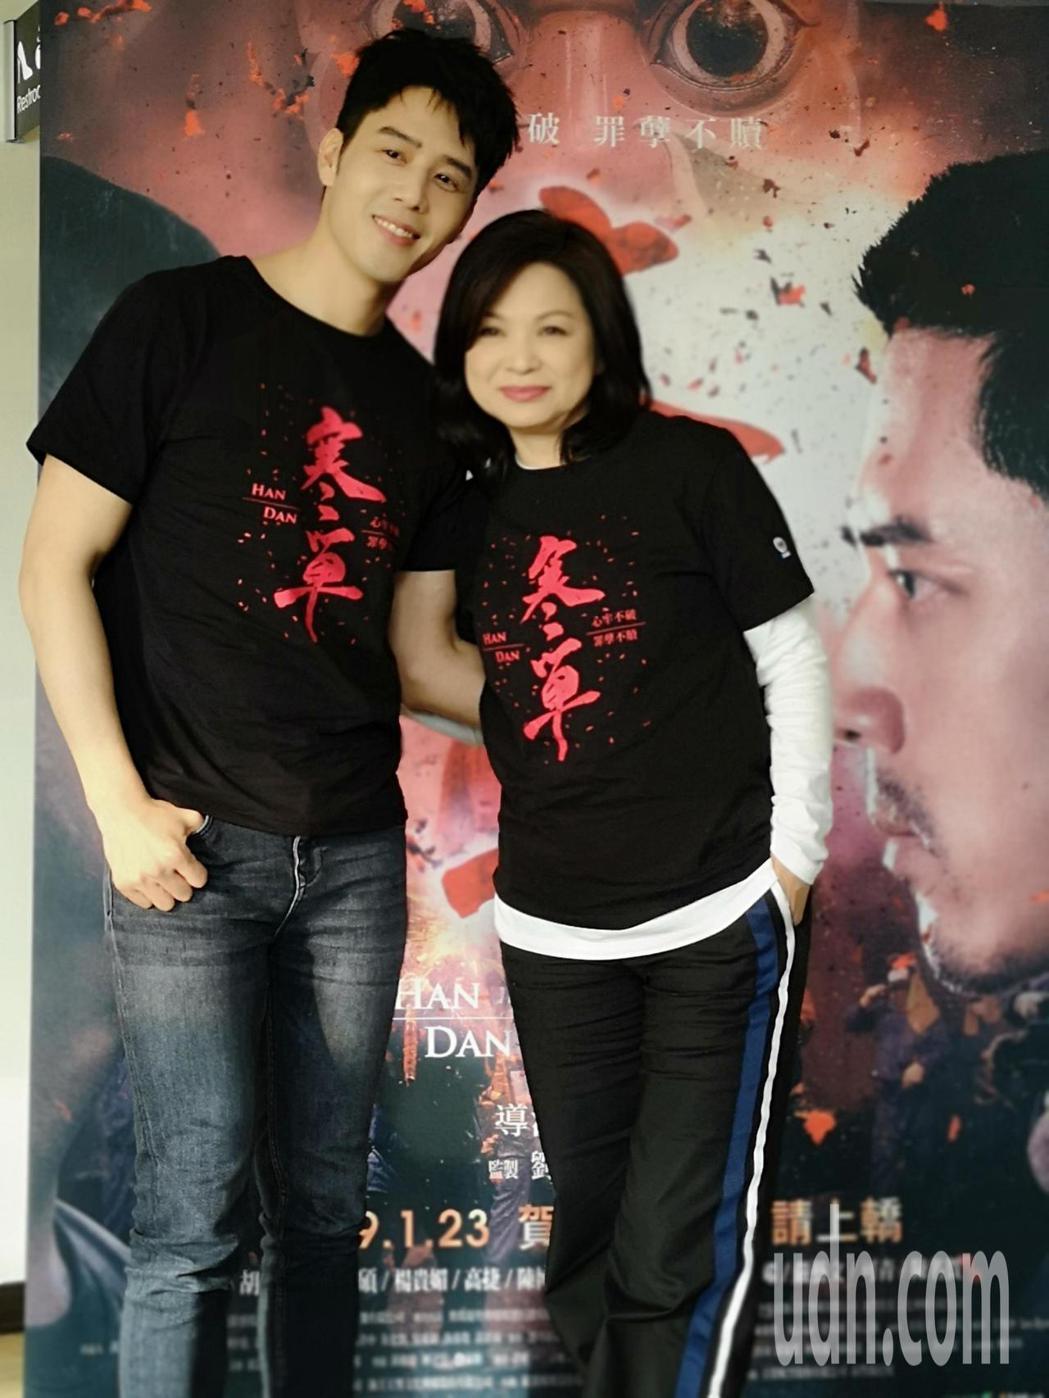 電影寒單今天舉行試映會,胡宇威、楊貴媚分享電影寒單觀後感。記者邱德祥/攝影